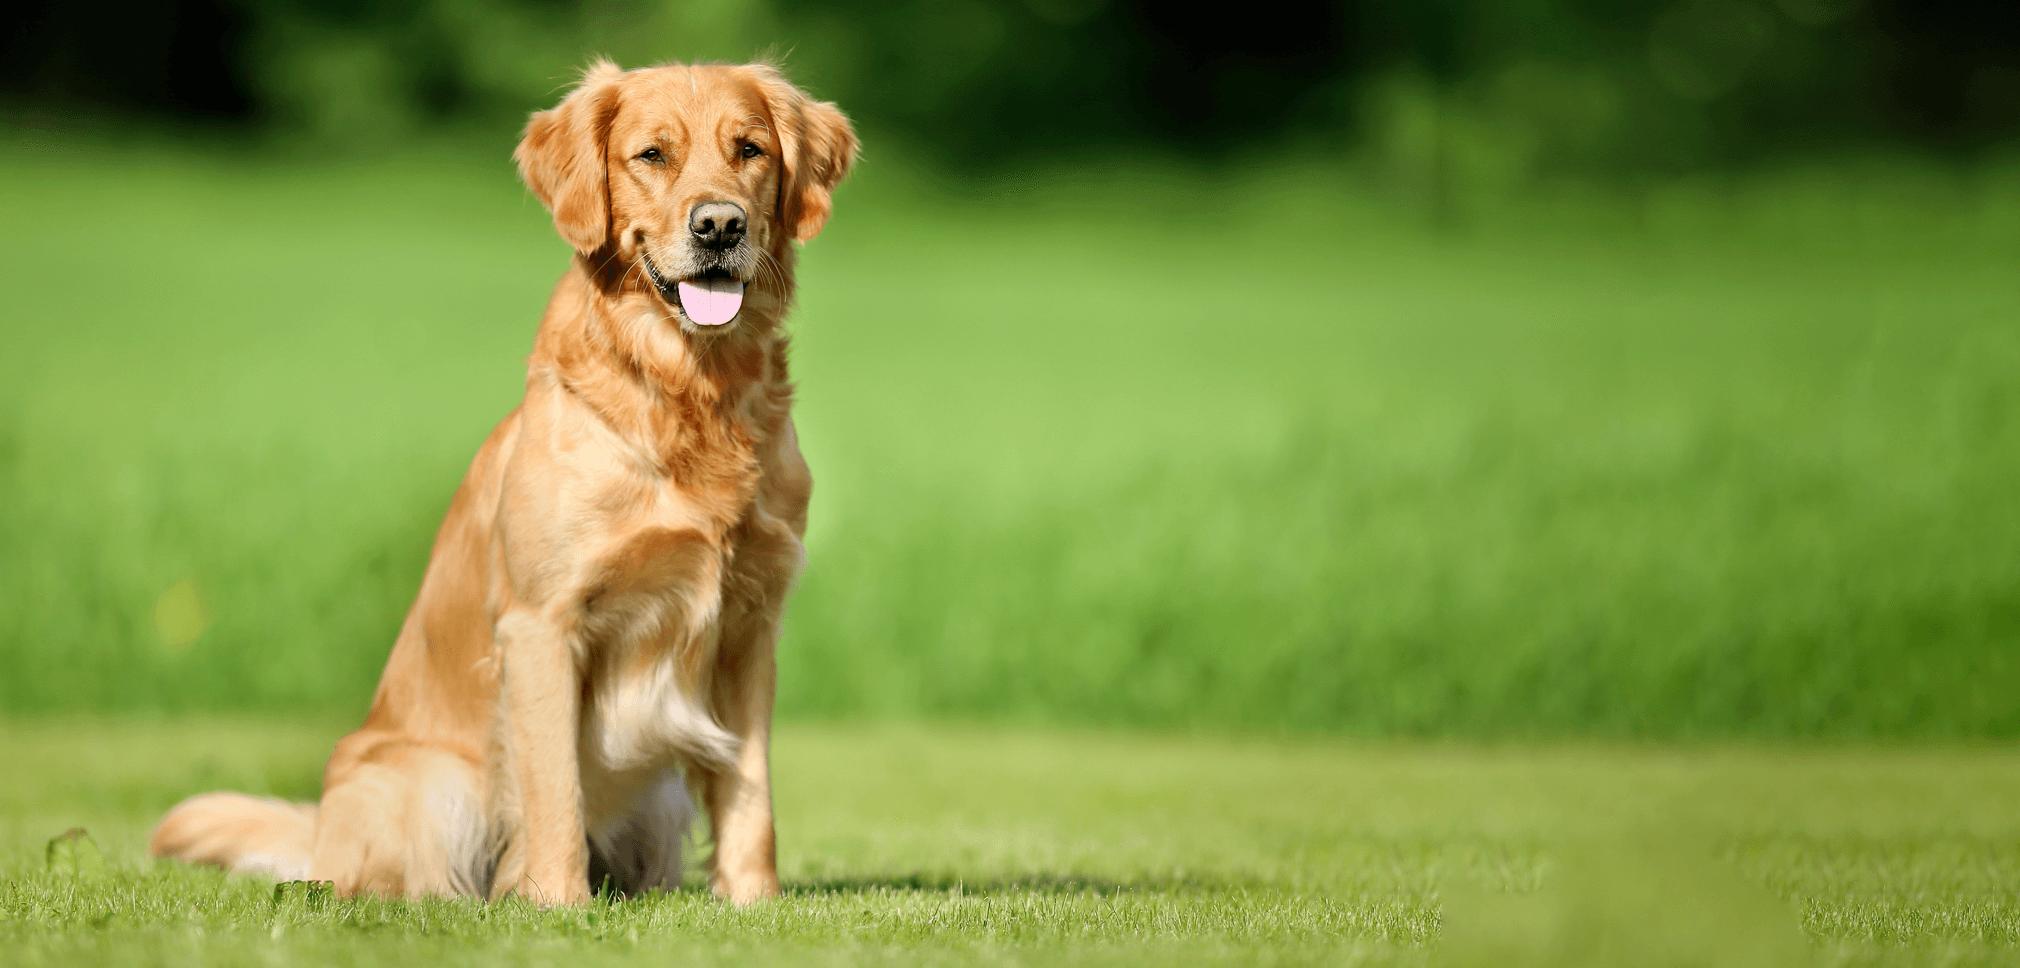 dogbg1